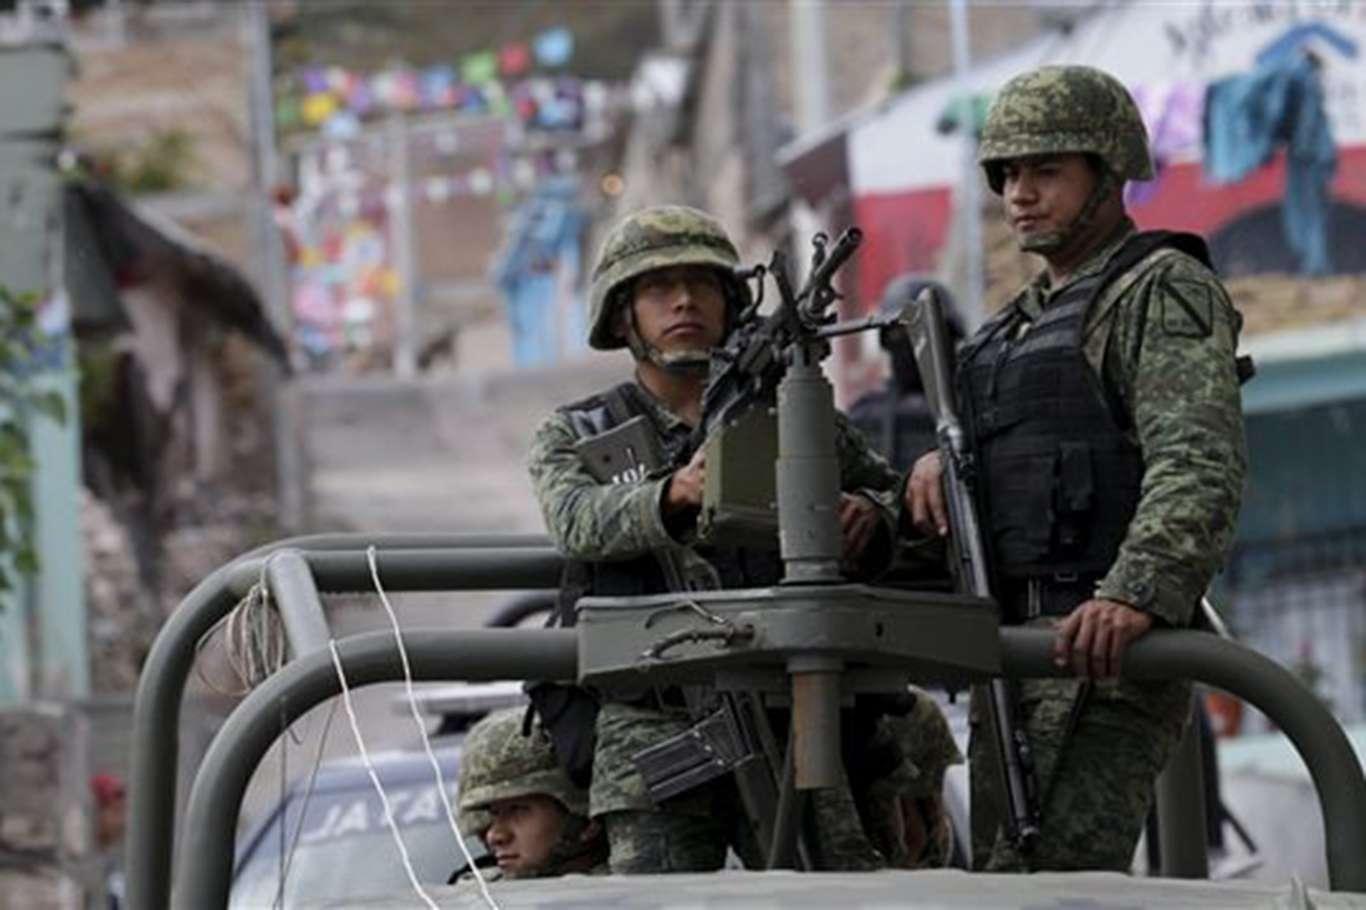 Meksika'da Şiddetli Çatışma : 5 Kişi Öldü